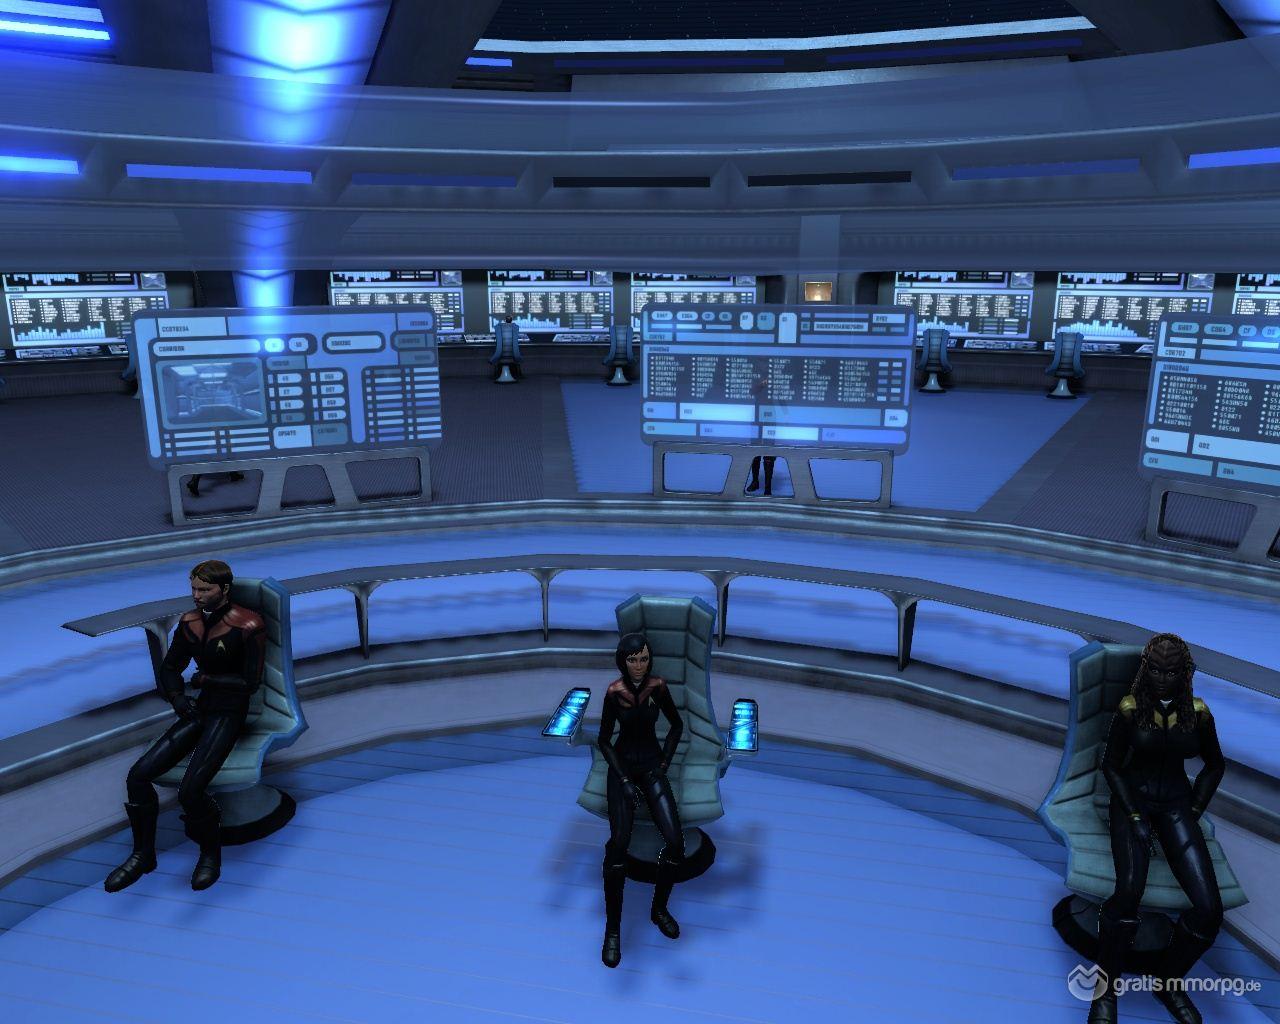 Klicke auf die Grafik für eine größere AnsichtName:Star Trek Online (9).jpgHits:179Größe:165,1 KBID:4465